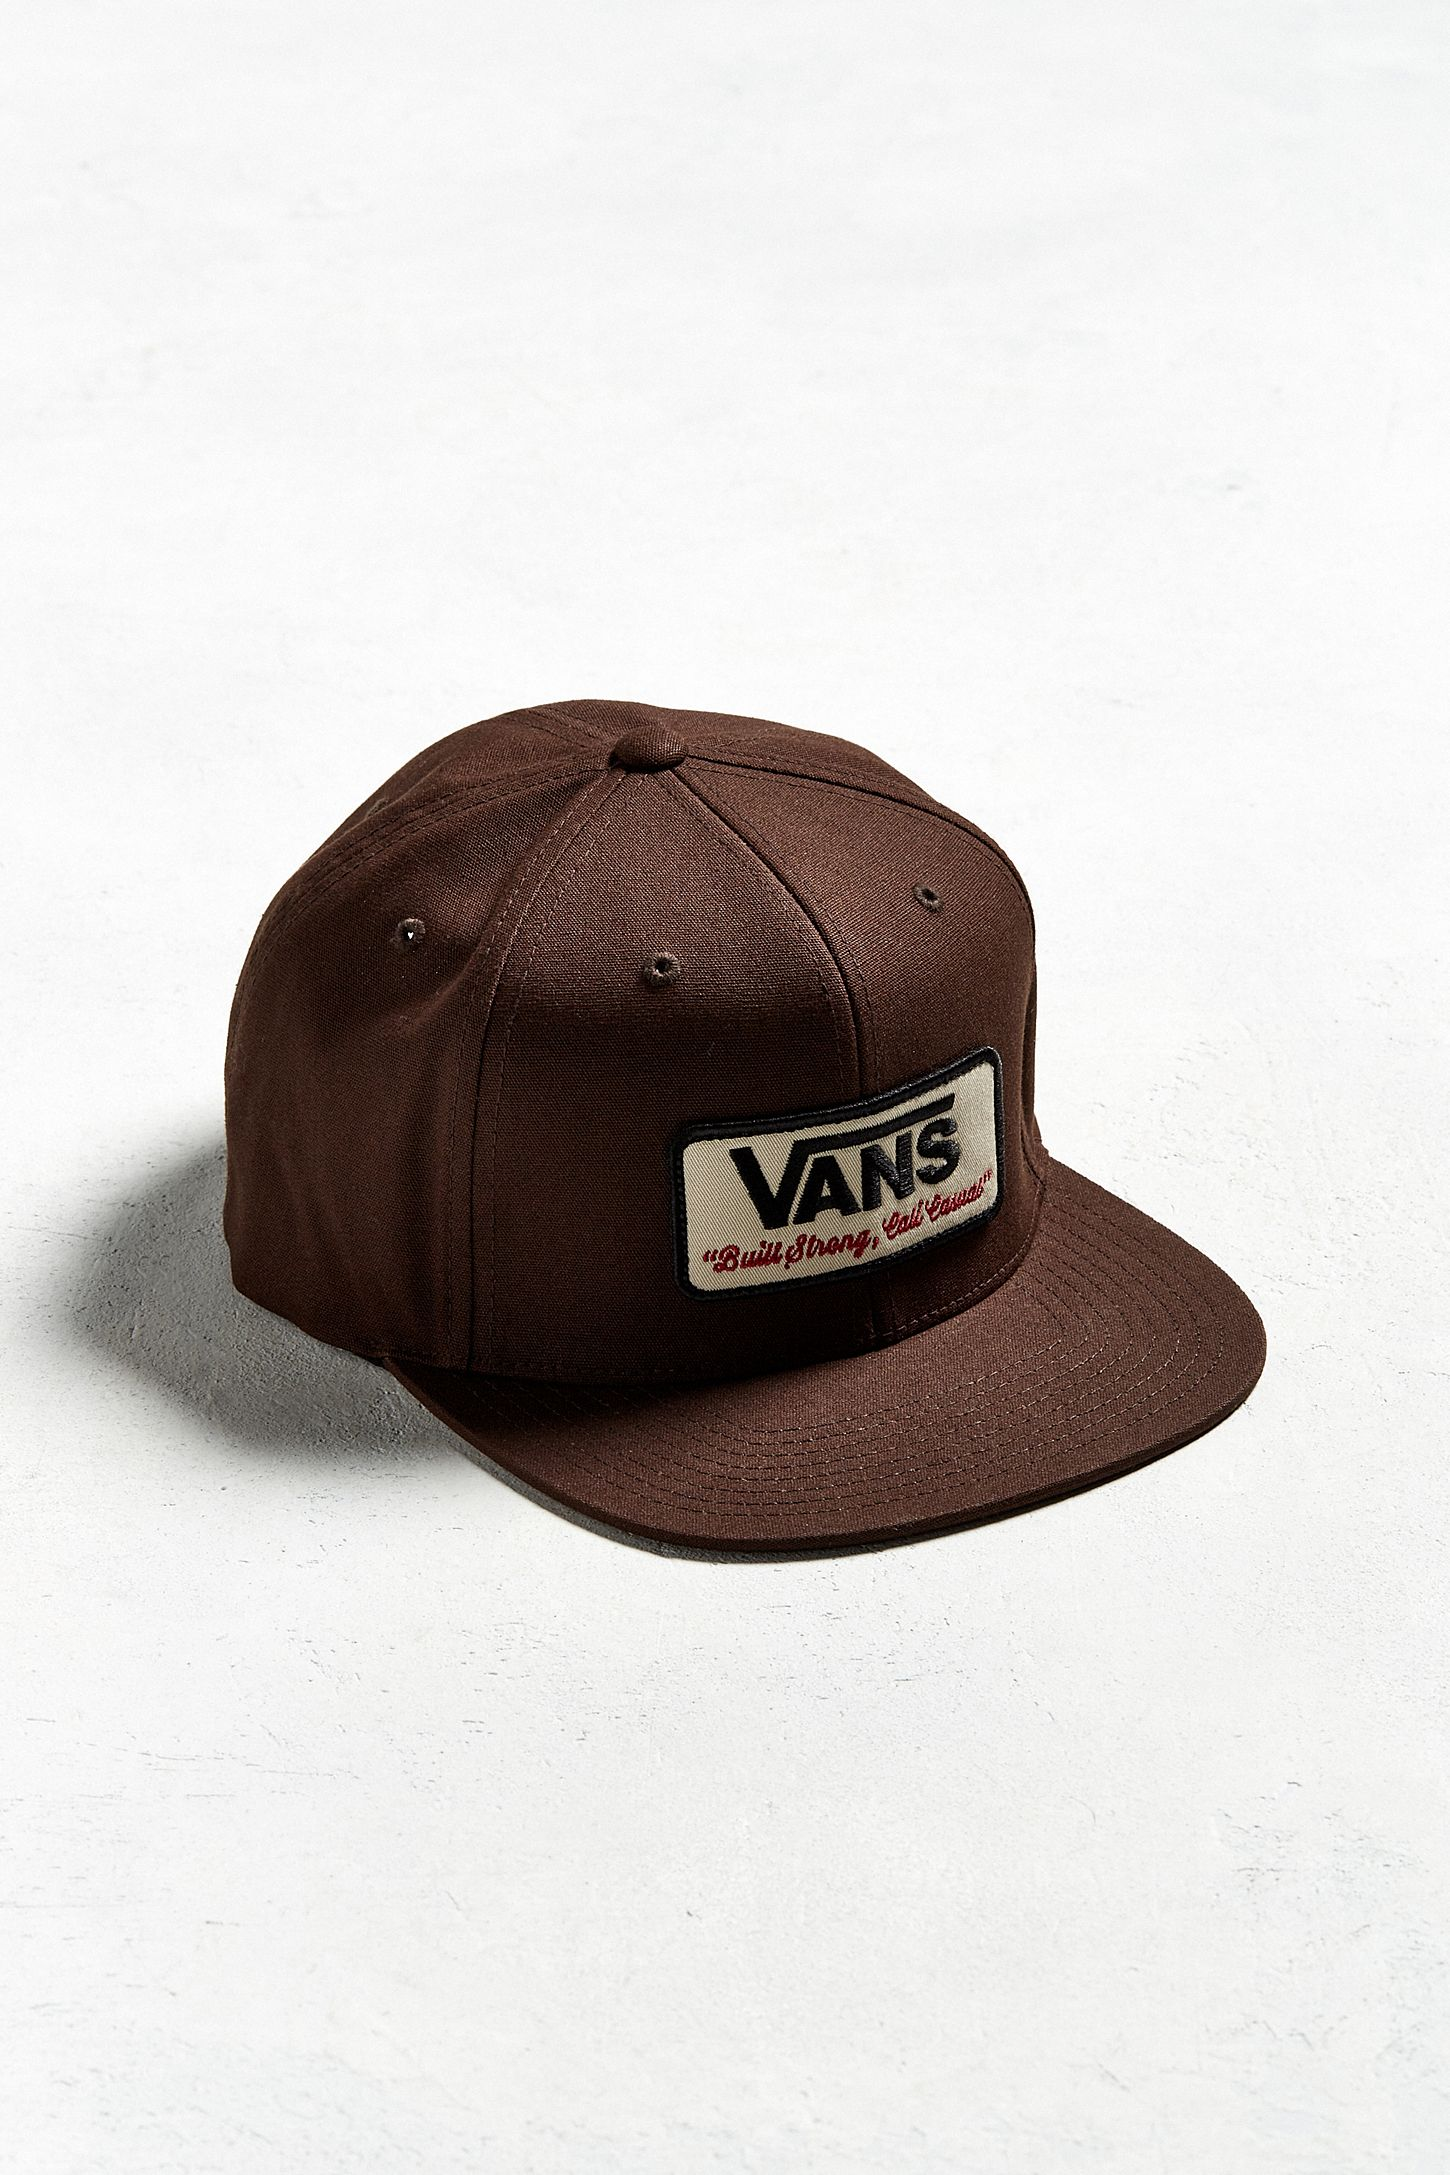 Vans Rowley Snapback Hat  4490ecdf8f7a